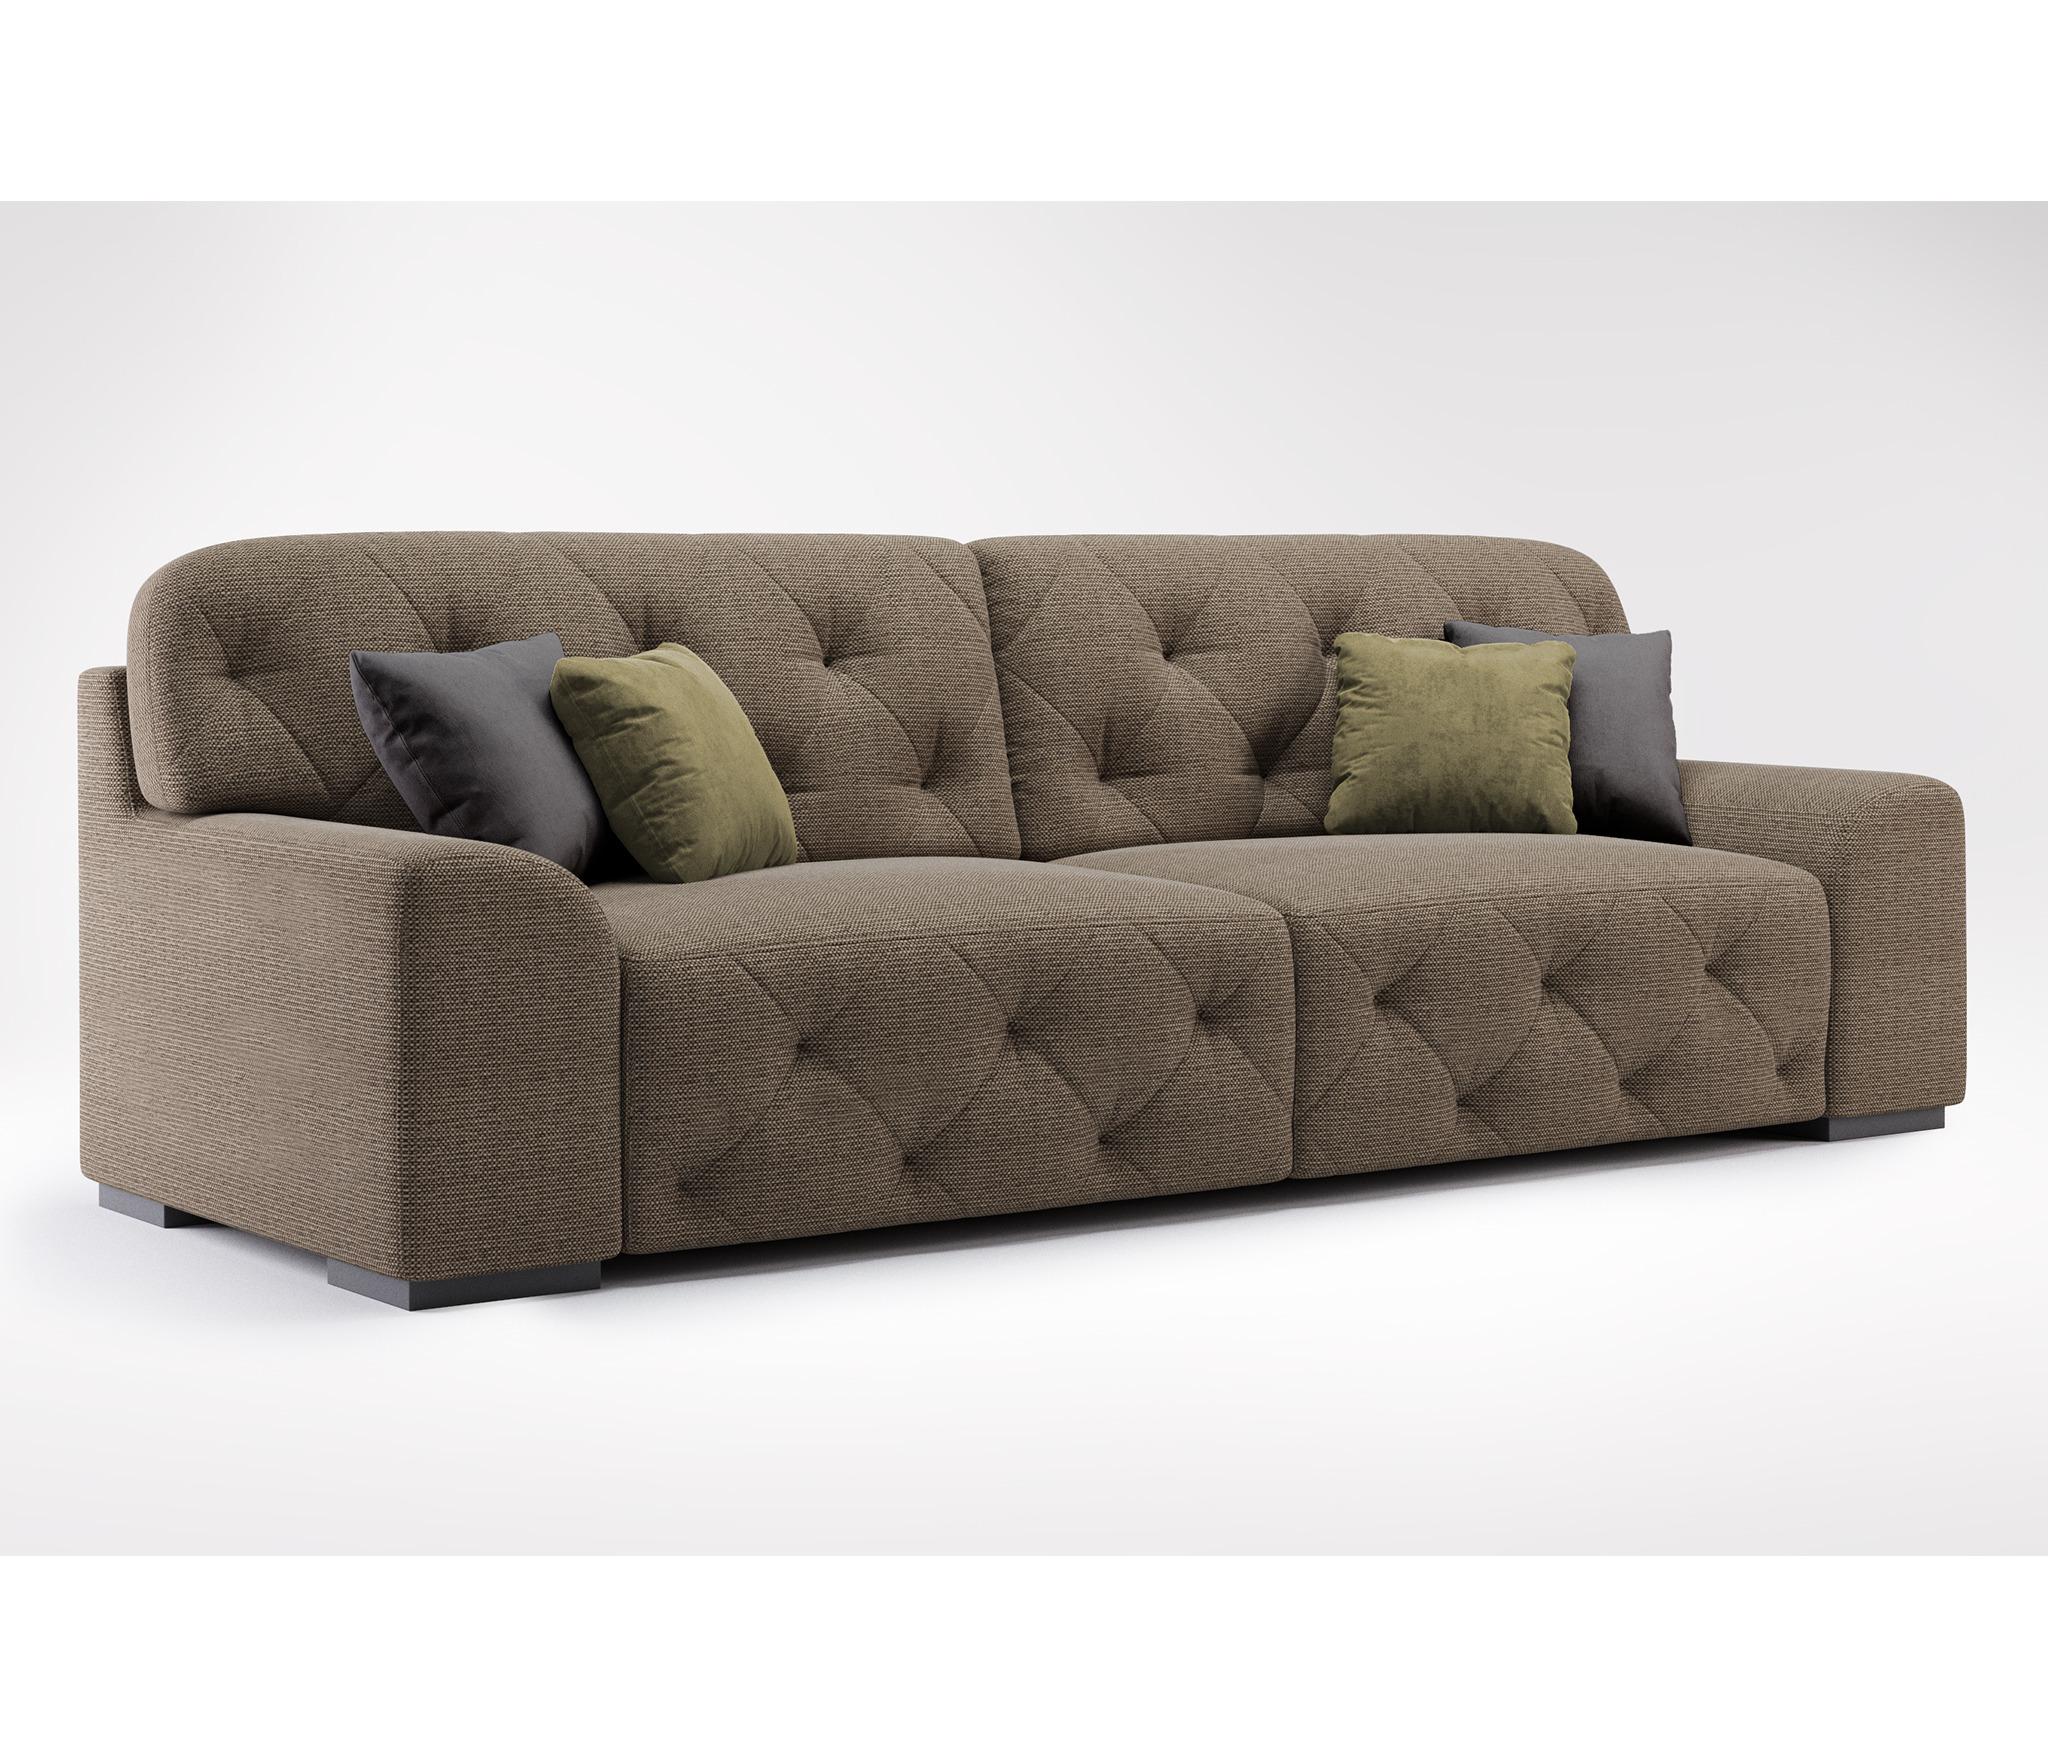 Диван-кровать ВегасМягкая мебель<br><br><br>Длина мм: 2600<br>Высота мм: 950<br>Глубина мм: 1050